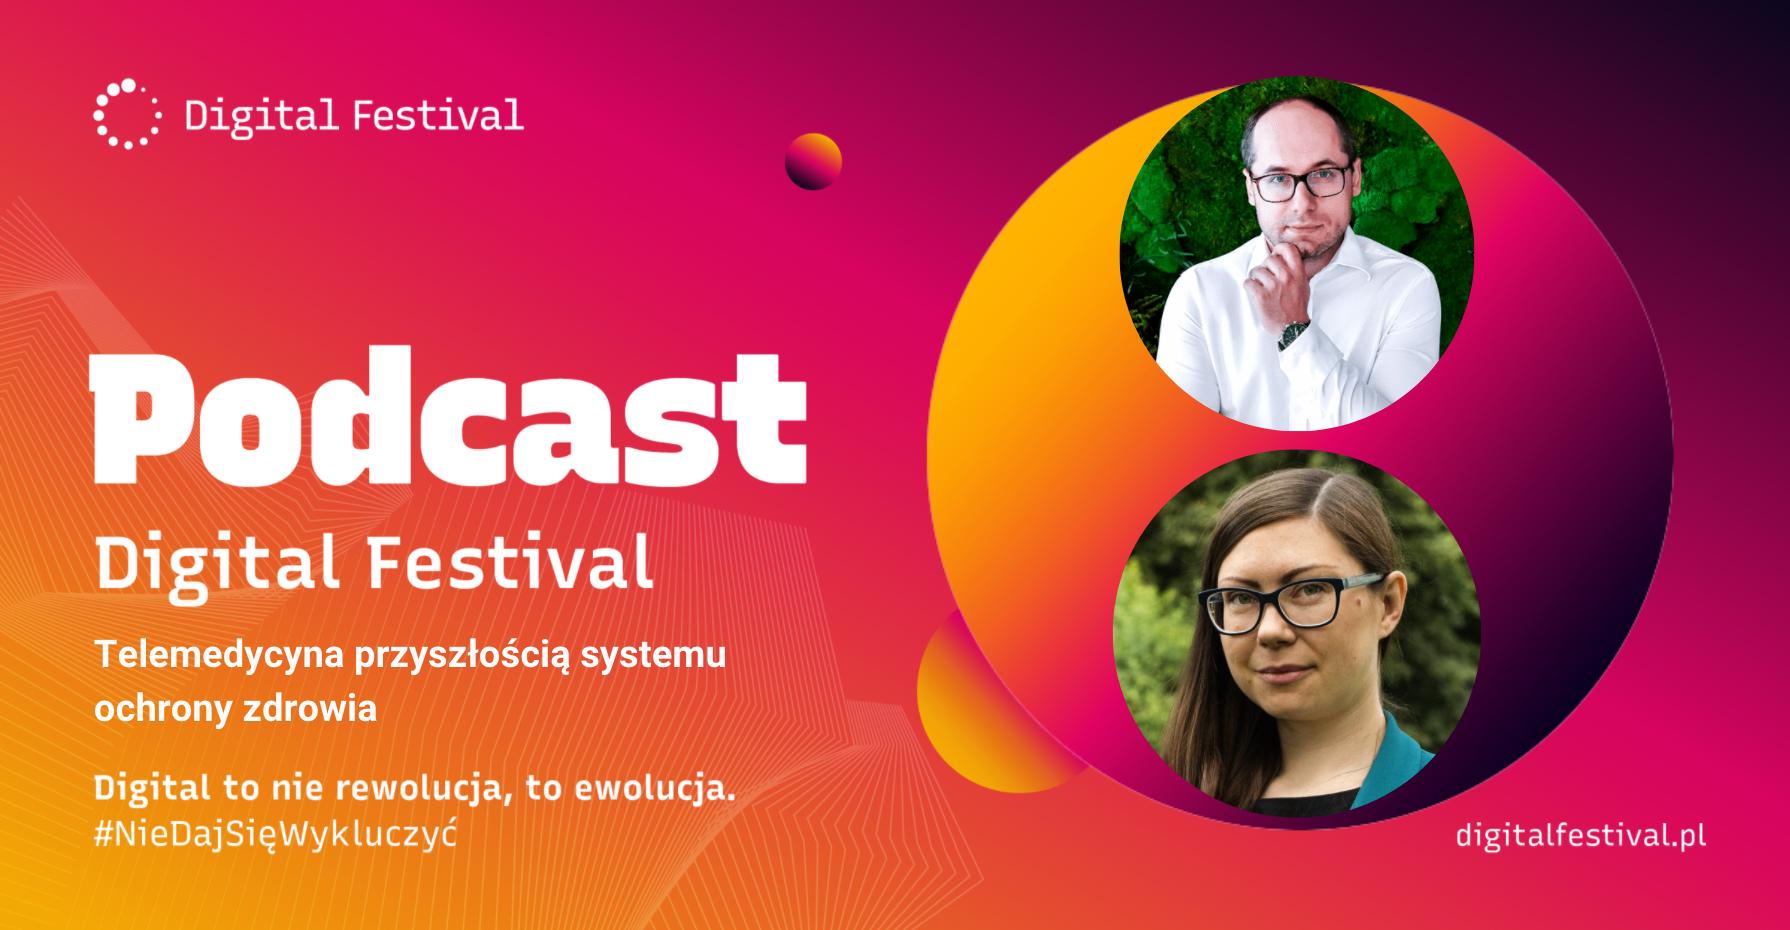 Rozmowy Digital Festival. Jak będzie wyglądała medycyna przyszłości?